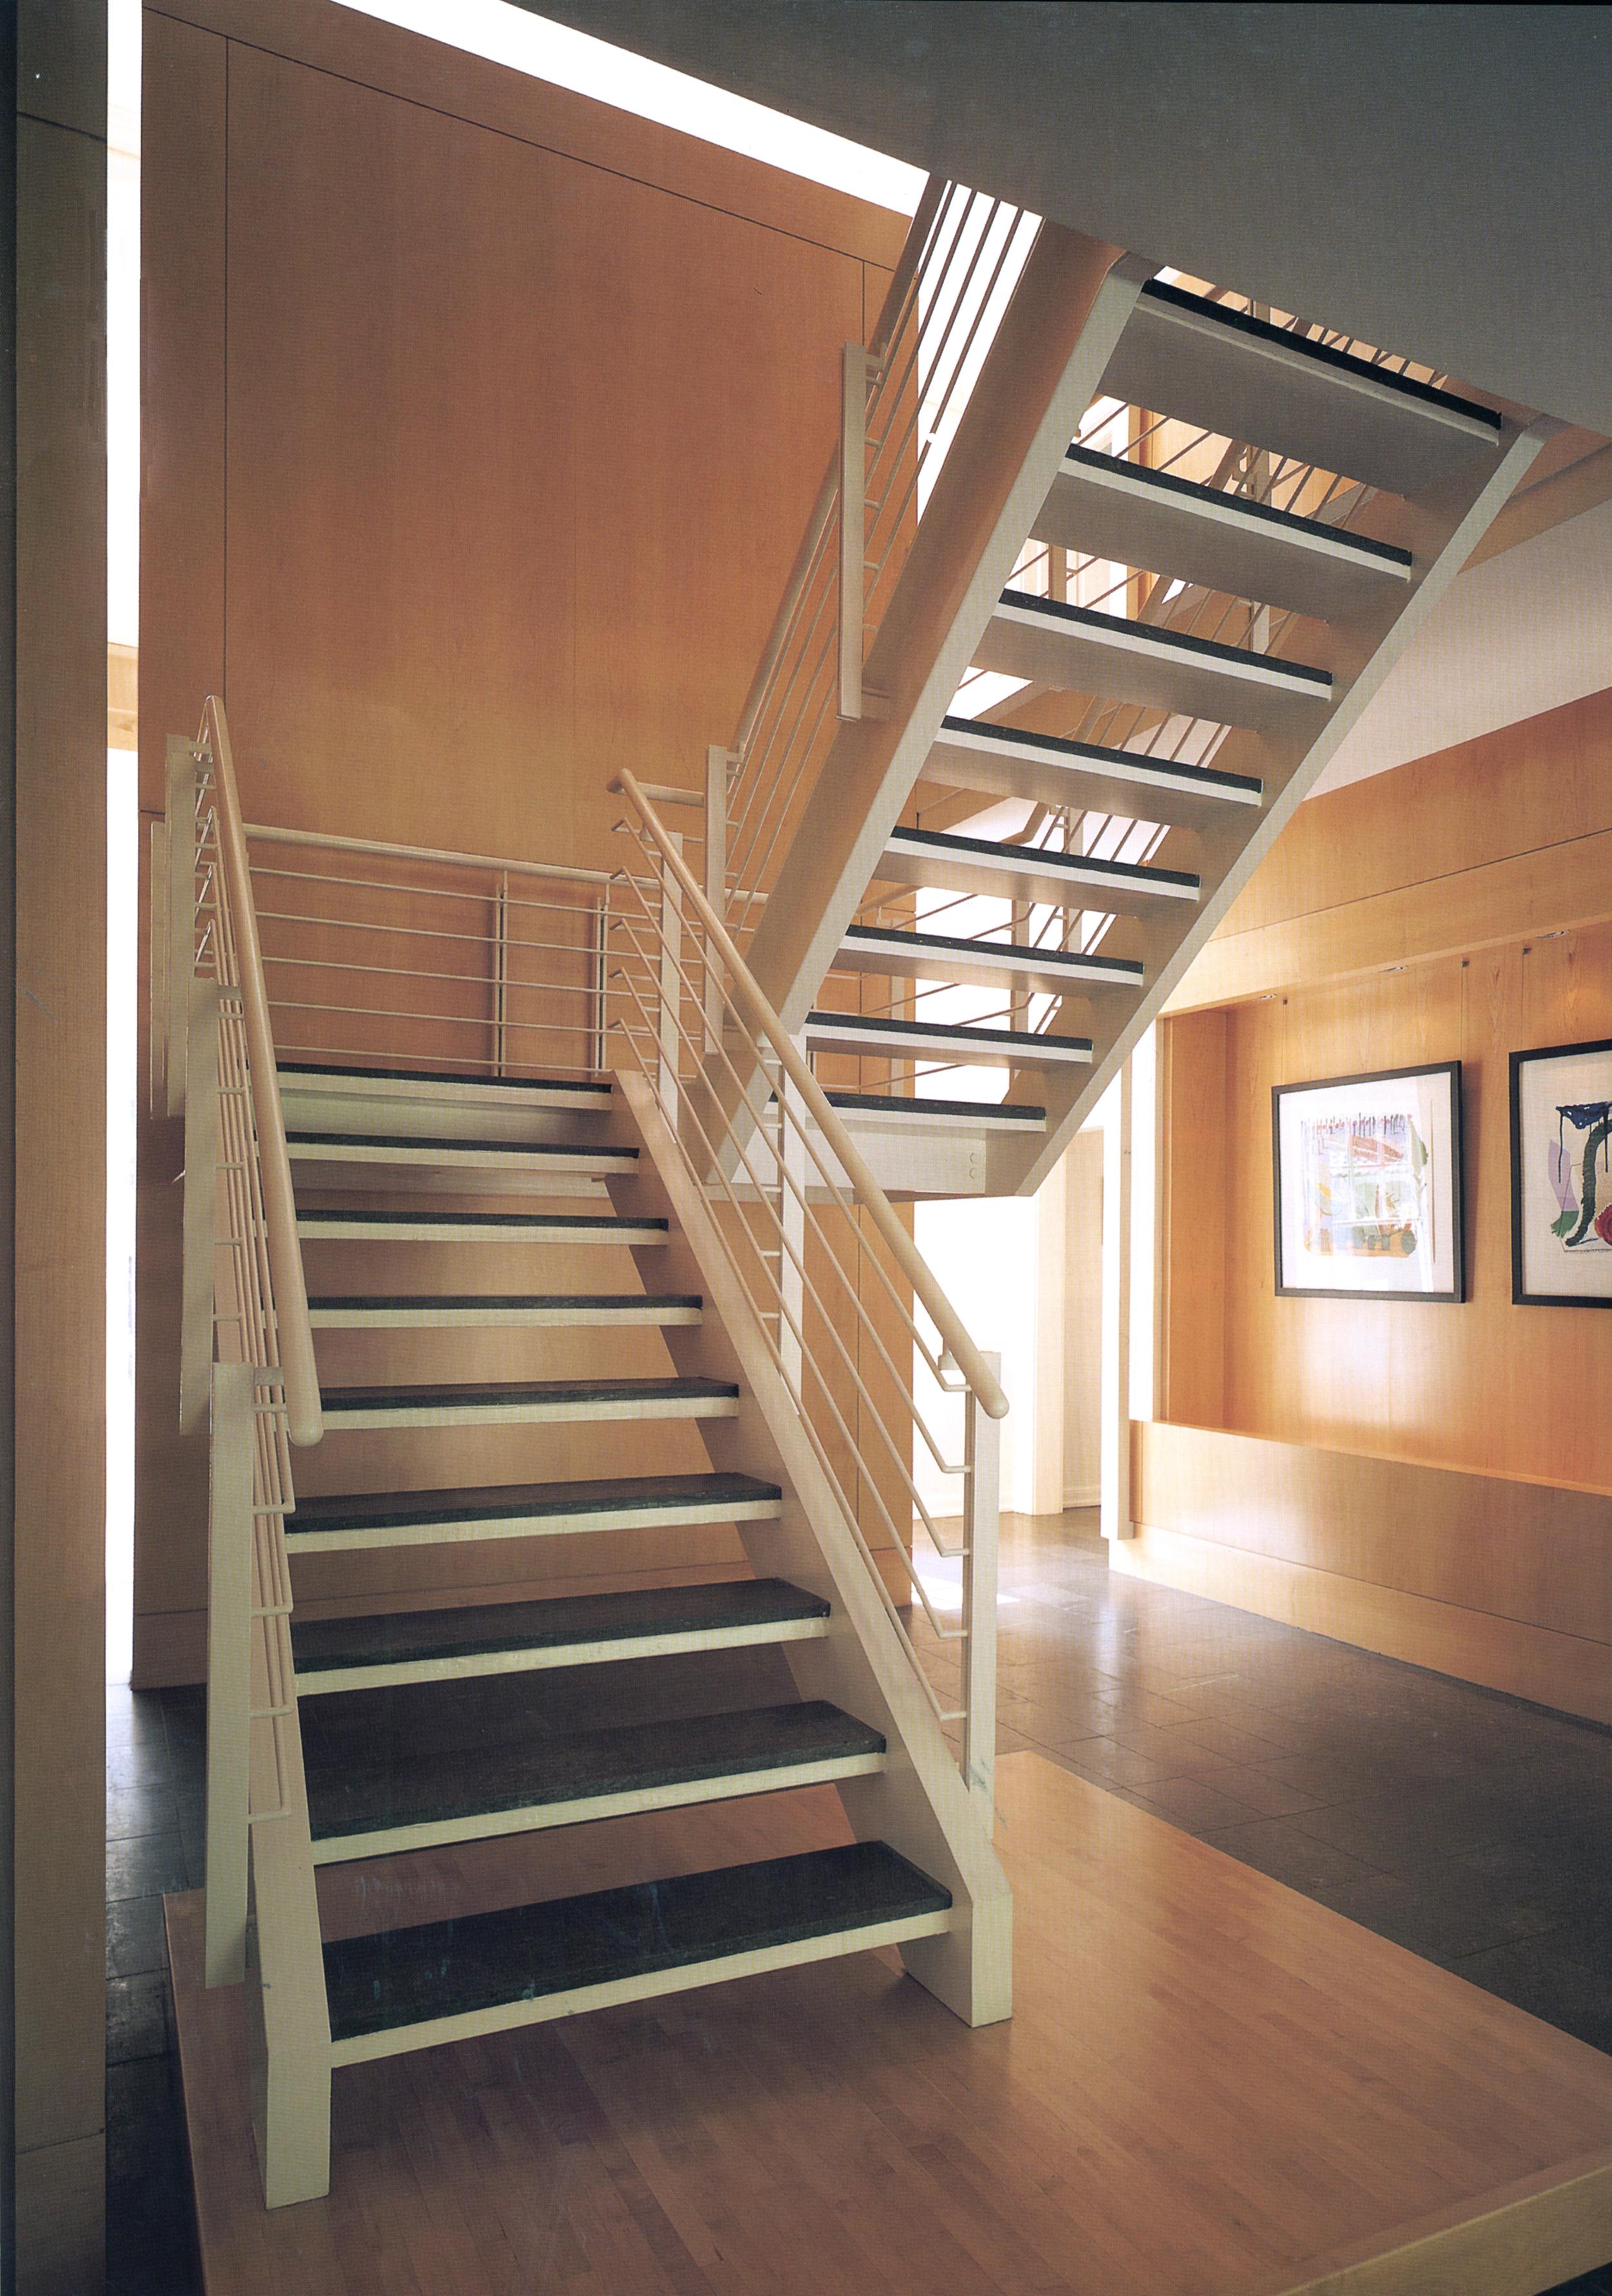 100-stairs2.jpg